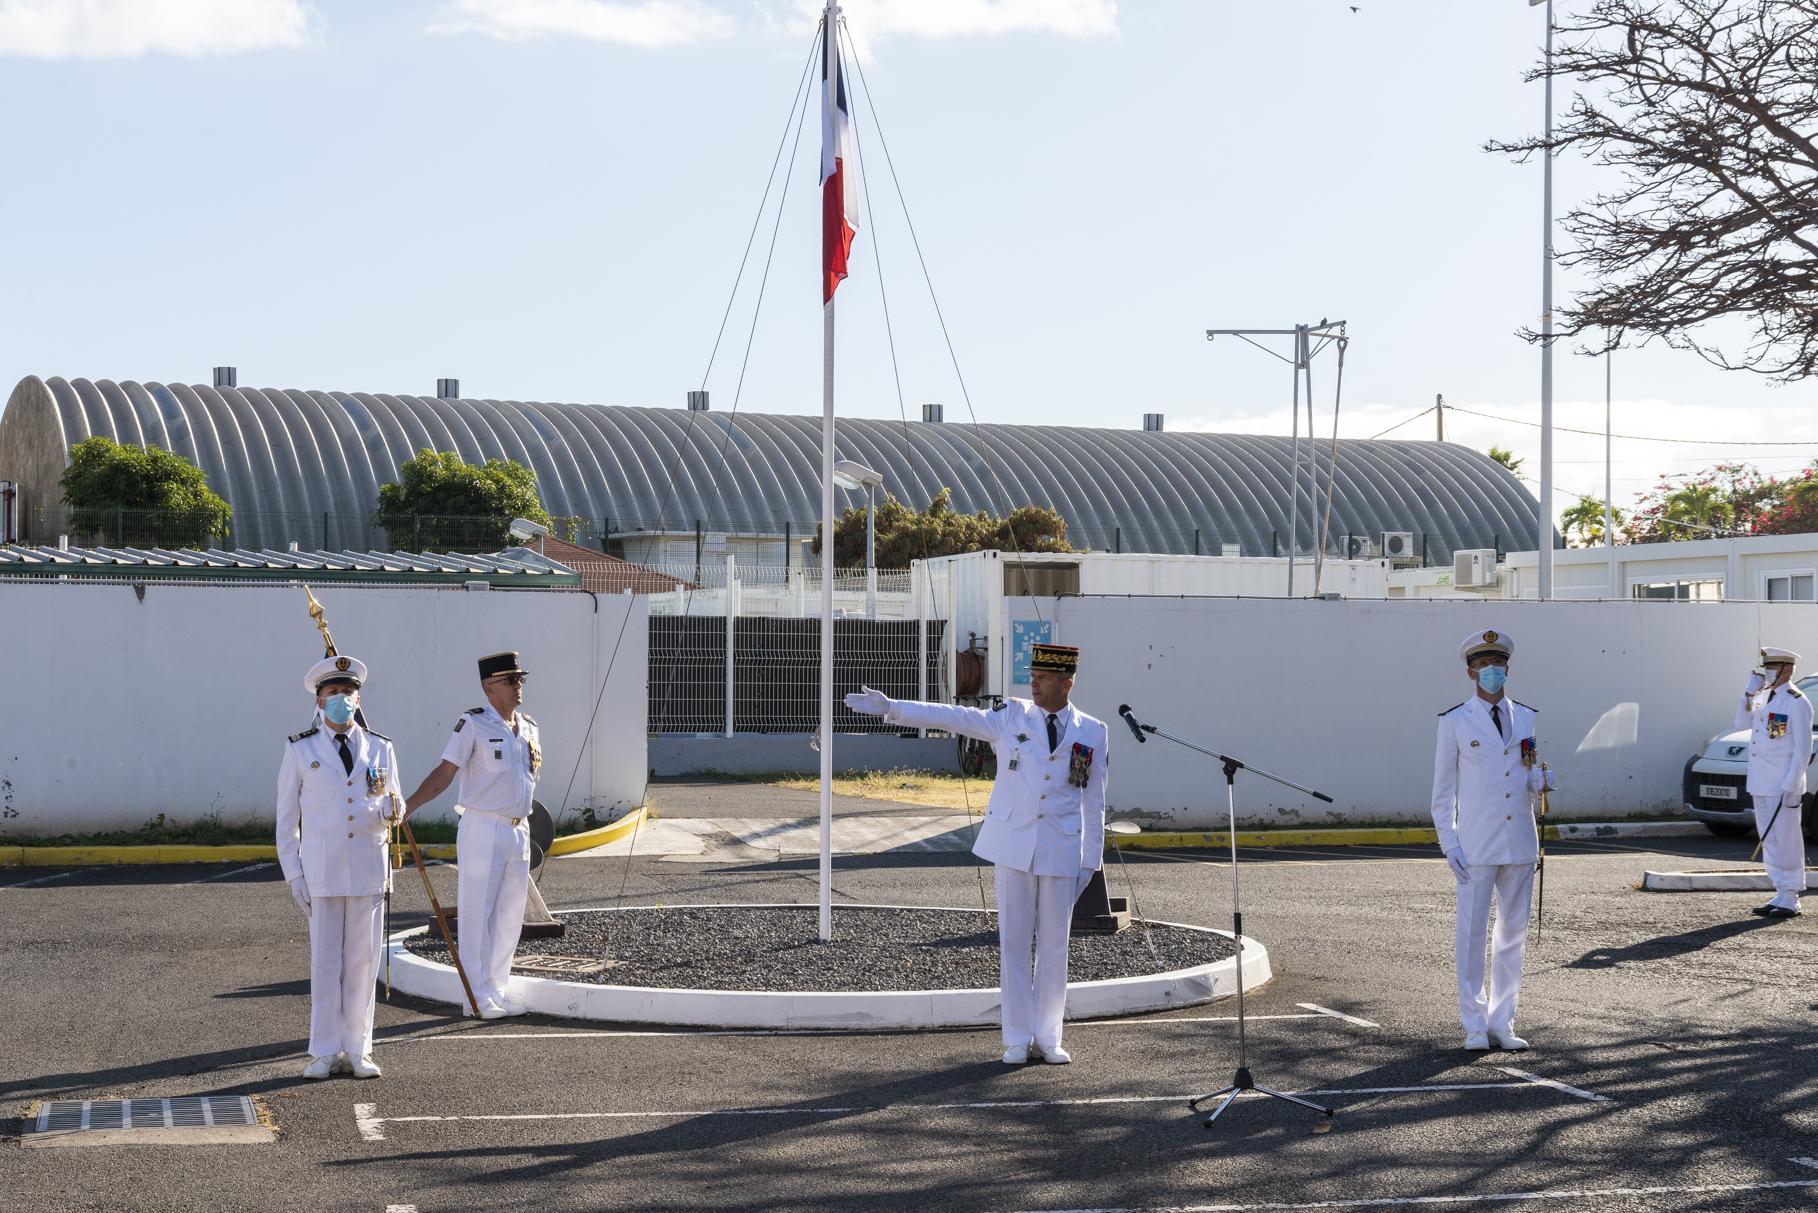 Des passations présidées par le général Yves Métayer avant son départ définitif pour Paris